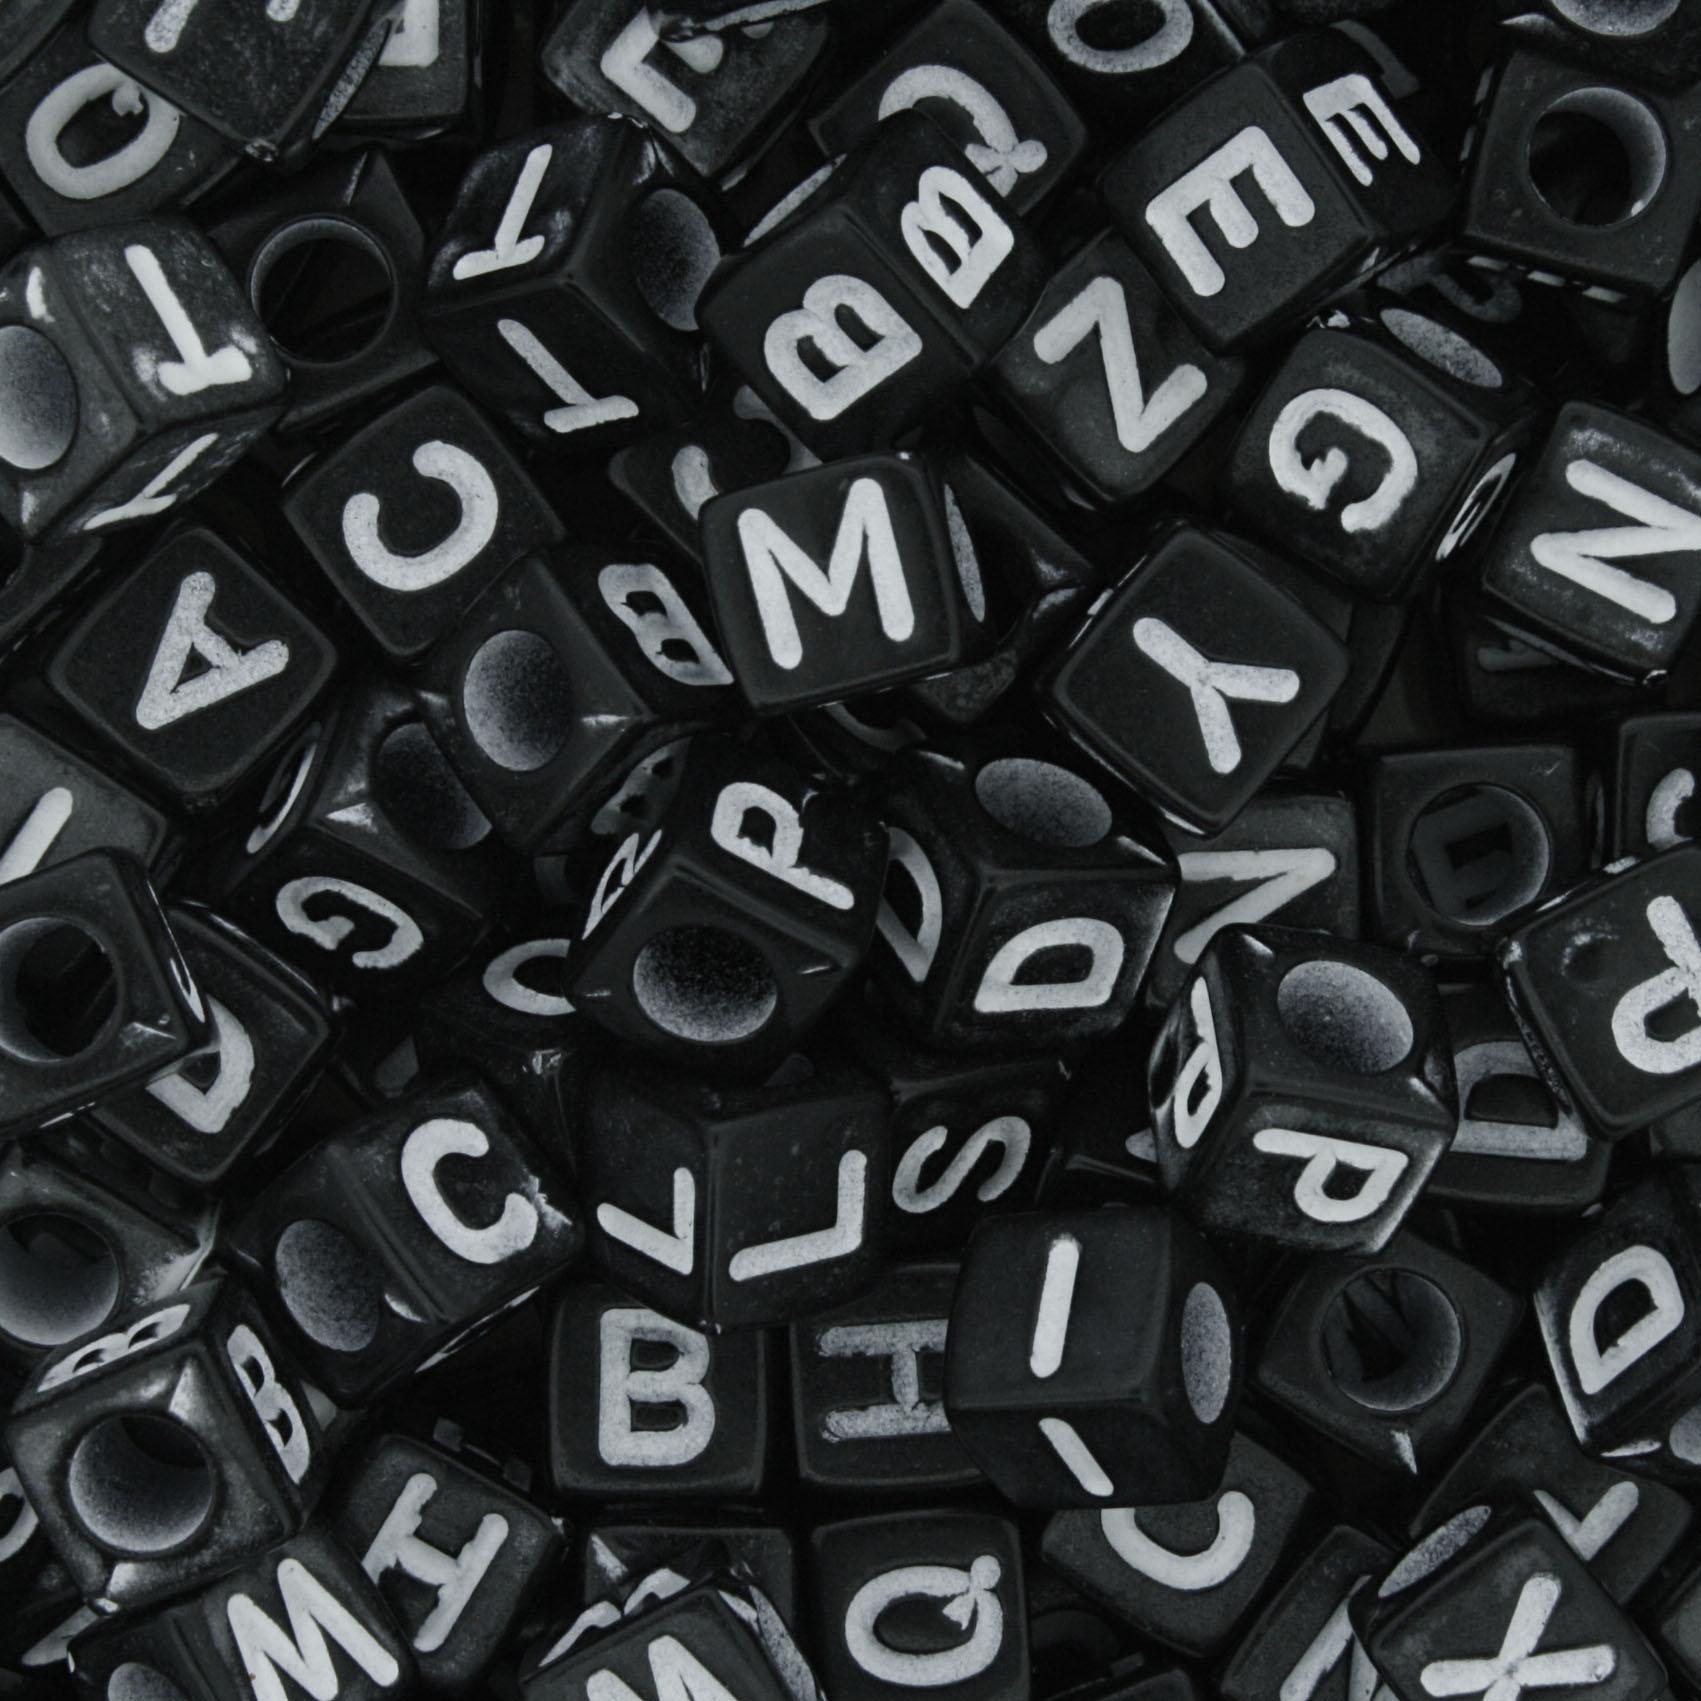 Miçanga - Letras Cubo Preta e Branca  - Stéphanie Bijoux® - Peças para Bijuterias e Artesanato